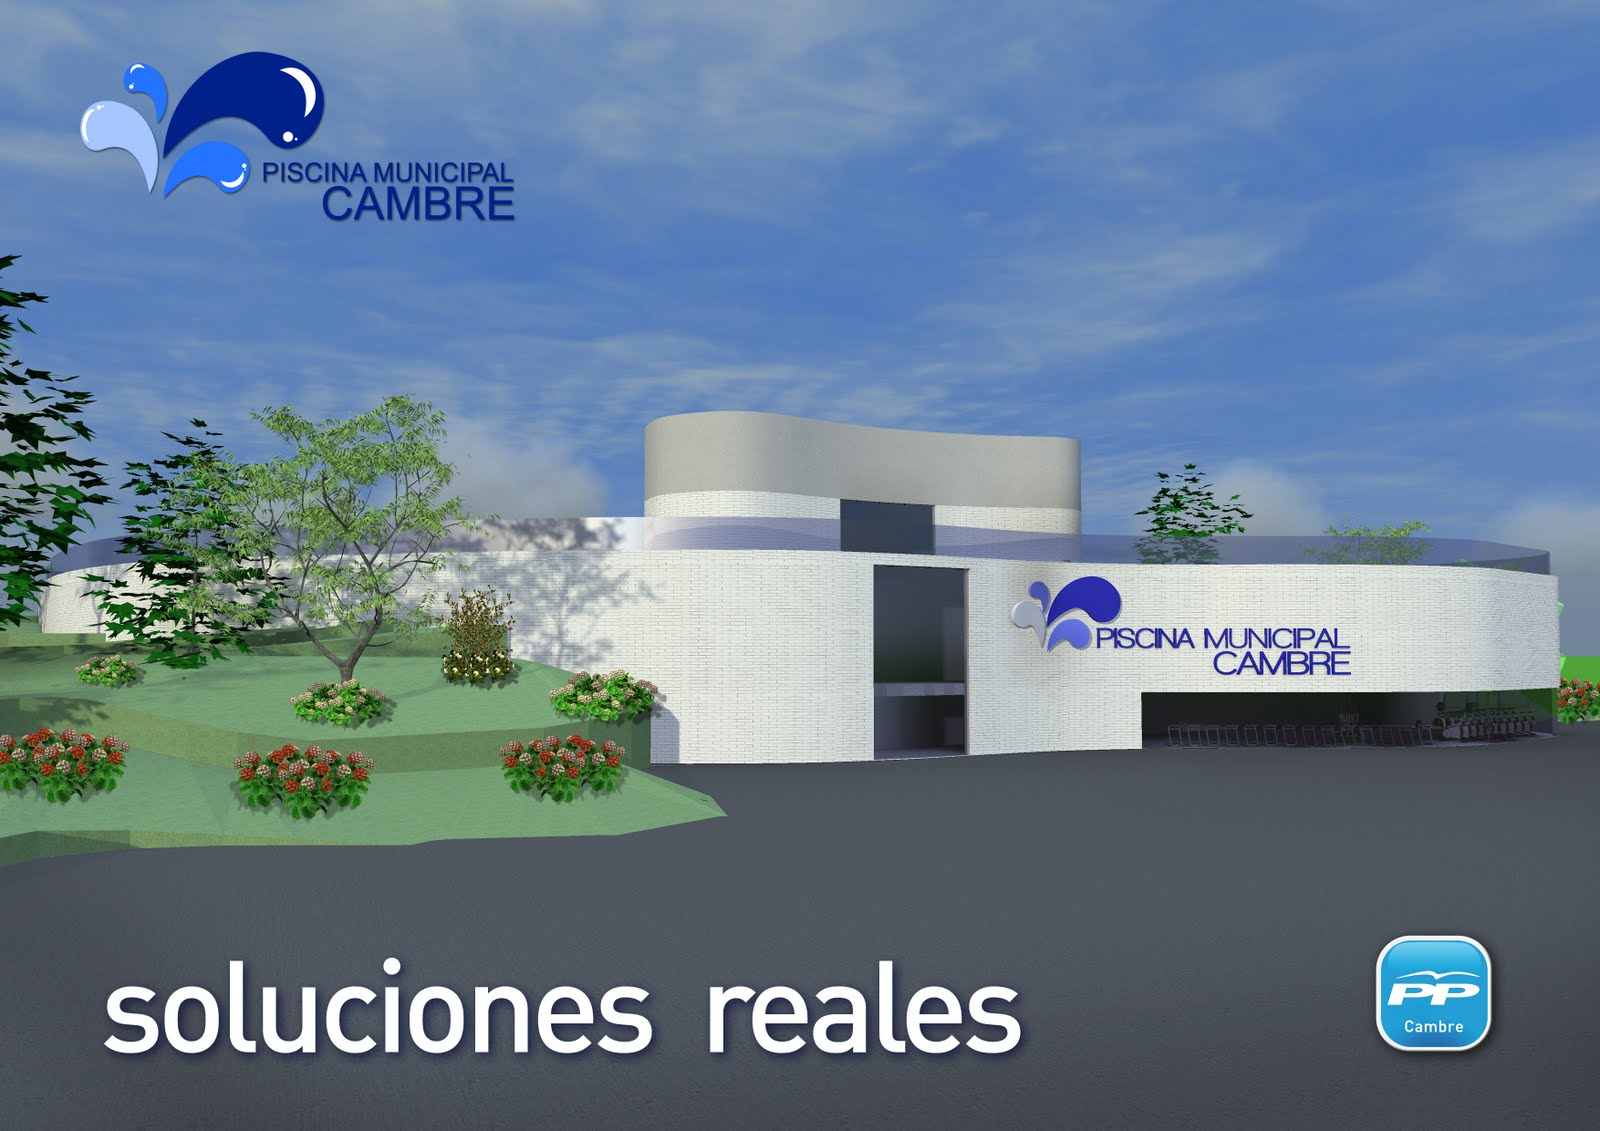 Manuel rivas caridad ahora ilusionados con el temple for Gimnasio rivas centro